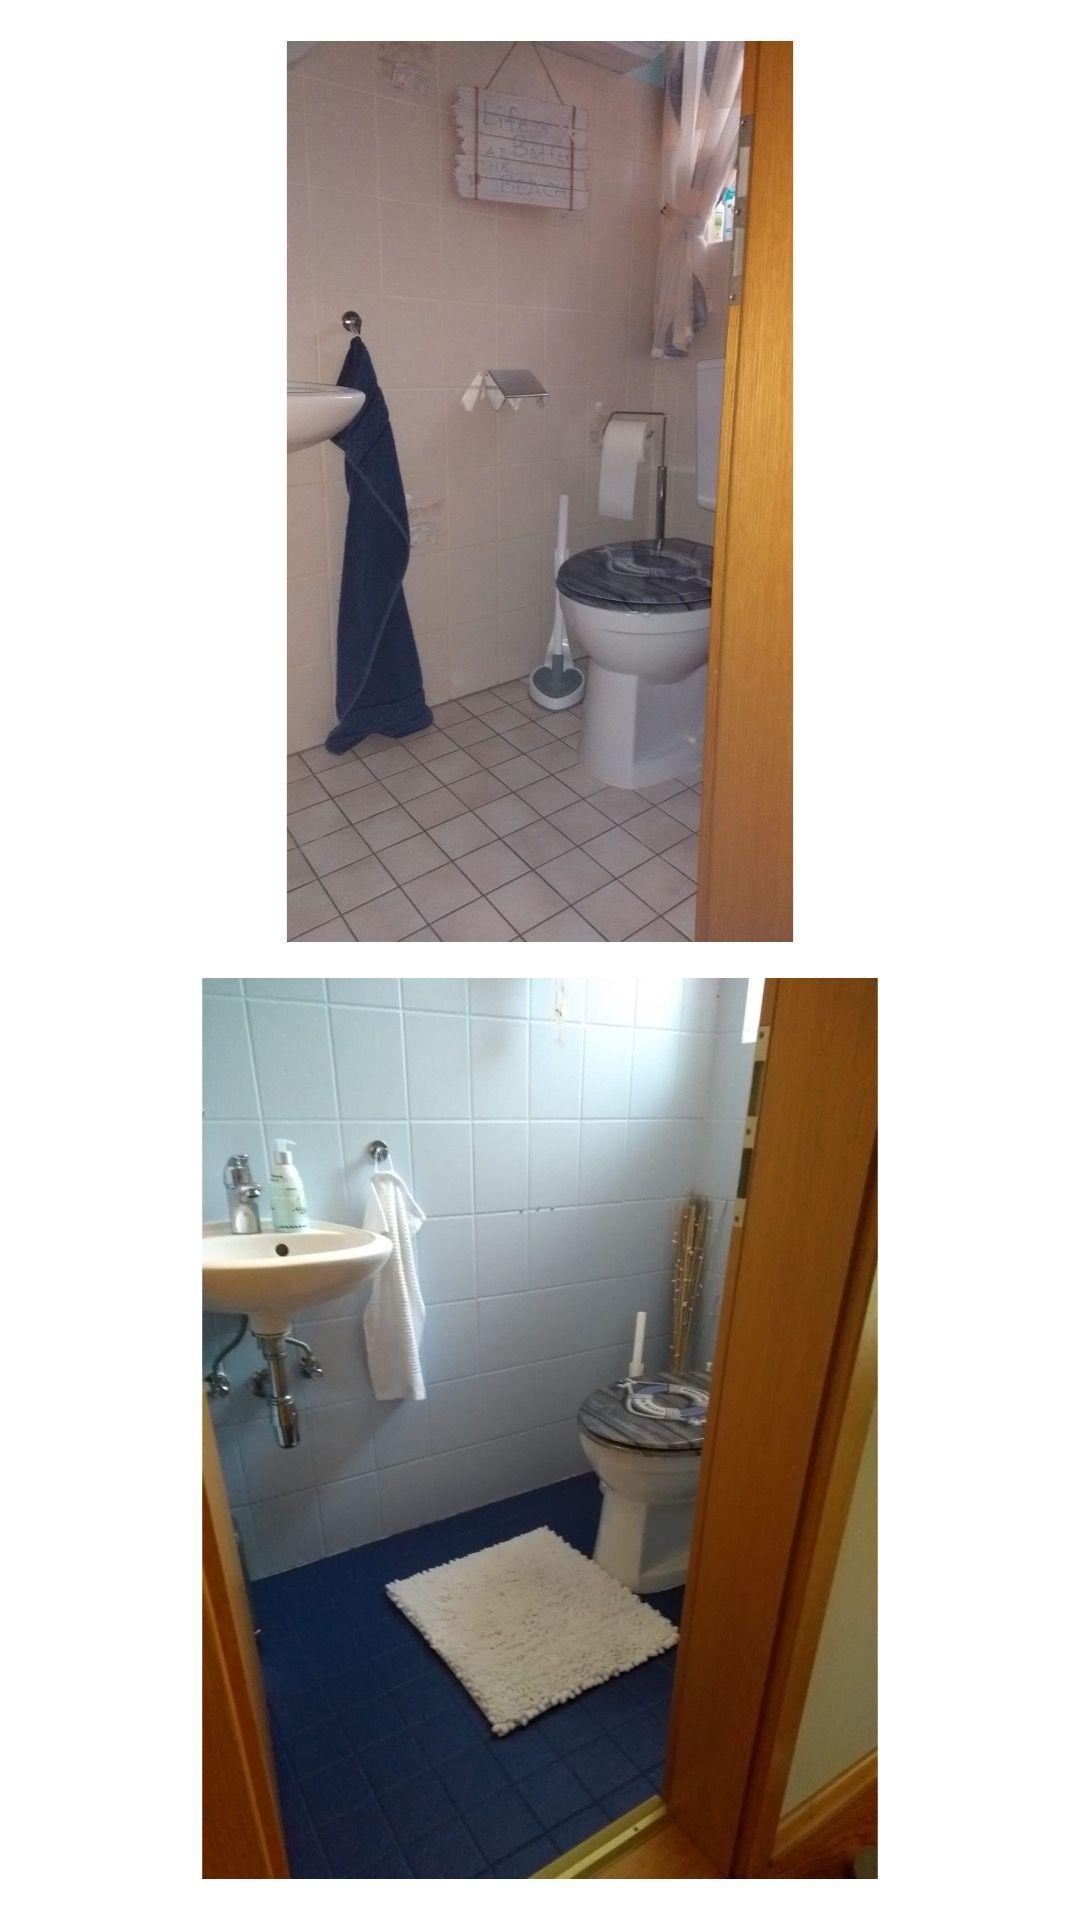 Fliesen Streichen Mit Kreidefarbe Badezimmer Streichen Fliesen Streichen Und Kreidefarbe